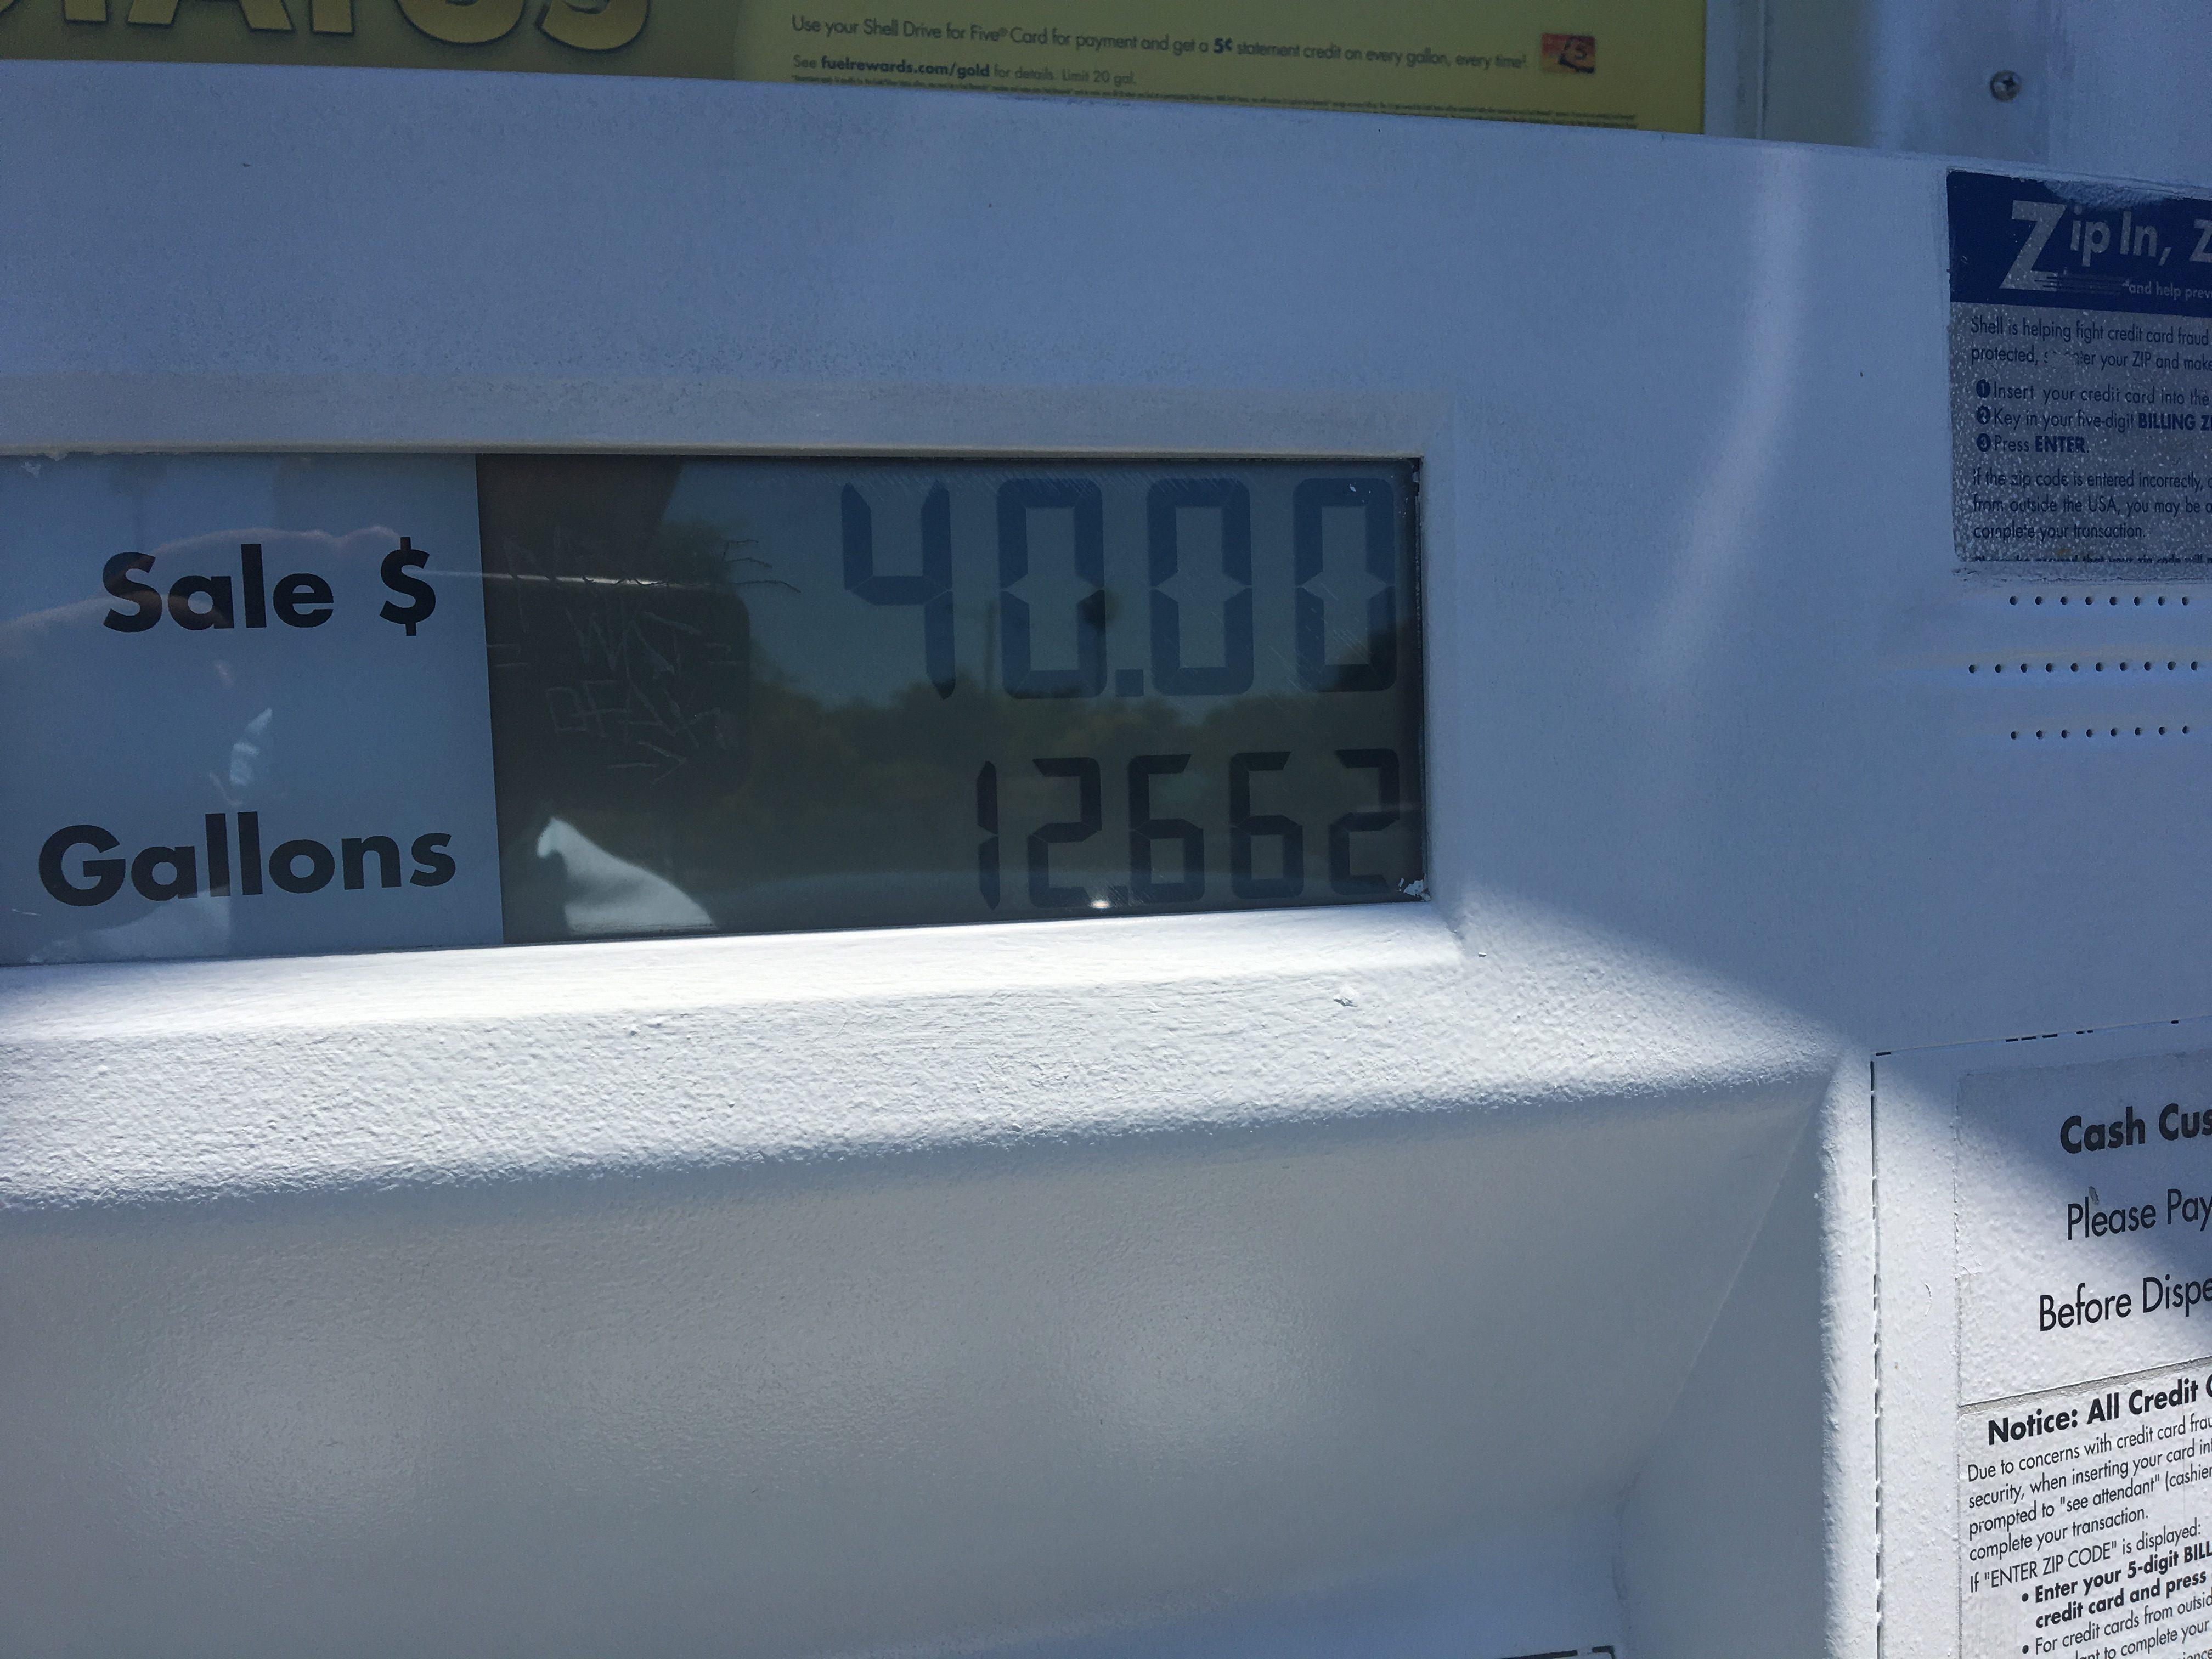 40 USD za 47 litrów benzyny. Przy obecnym kursie to niewiele ponad 3 zł za litr.